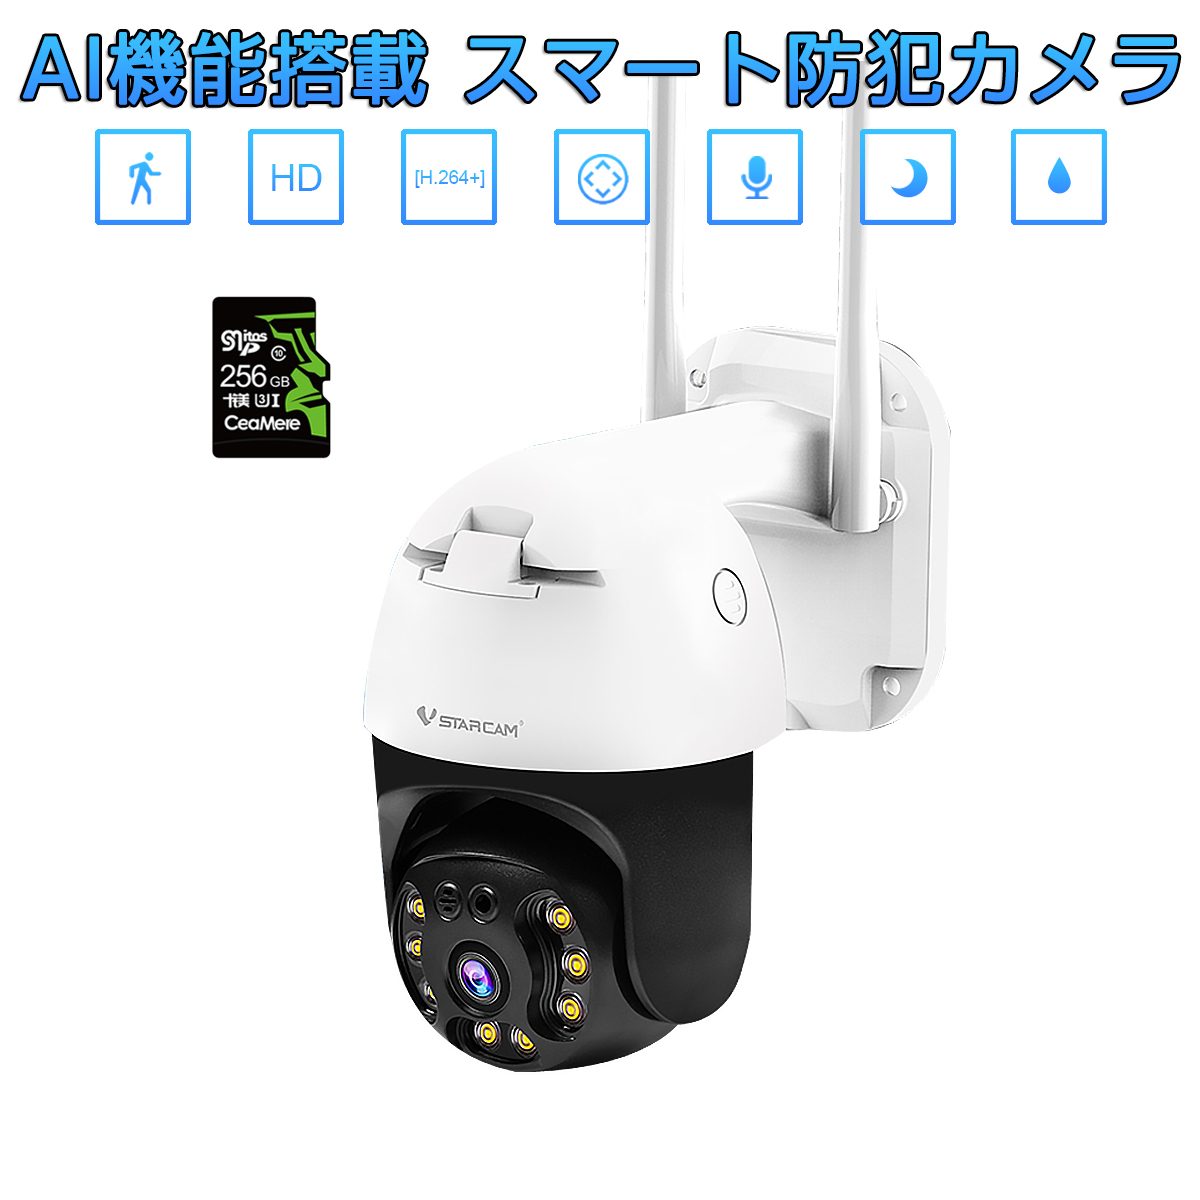 防犯カメラ ワイヤレス CS64 SDカード256GB同梱モデル VStarcam 2K 1296p 300万画素 夜でもフルカラー録画 人体検知 動体検知 ONVIF対応 ペット wifi 無線 APモード MicroSDカード録画 録音 遠隔監視 ネットワーク 屋内外兼用 IP カメラ 宅配便送料無料 PSE 技適 6ヶ月保証